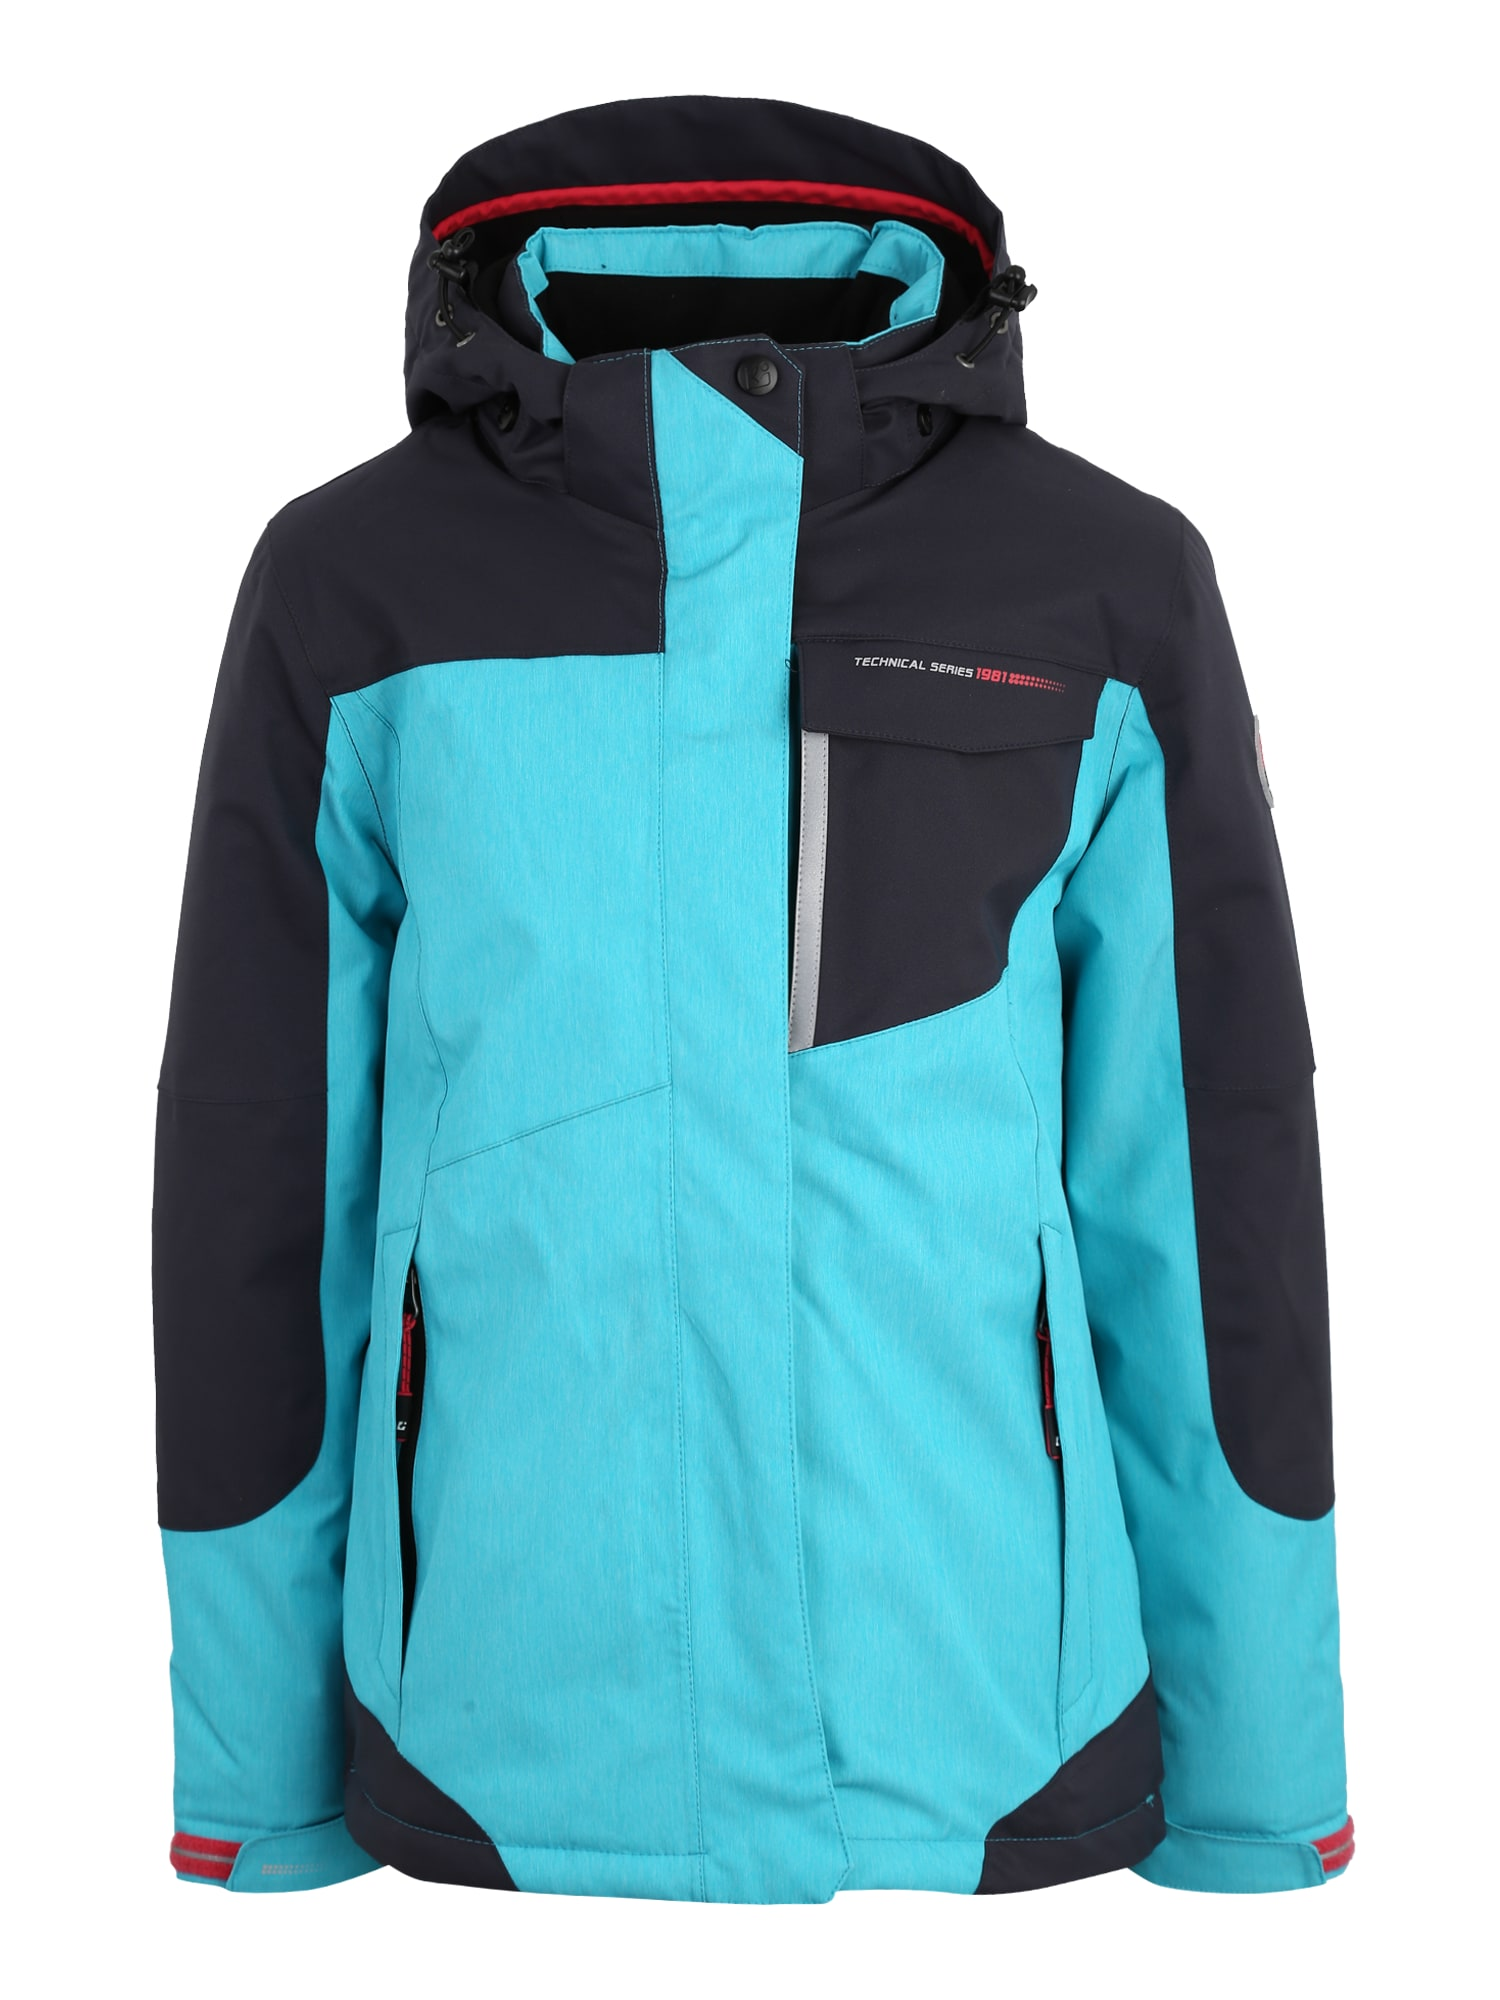 Outdoorová bunda Nailah kobaltová modř aqua modrá KILLTEC